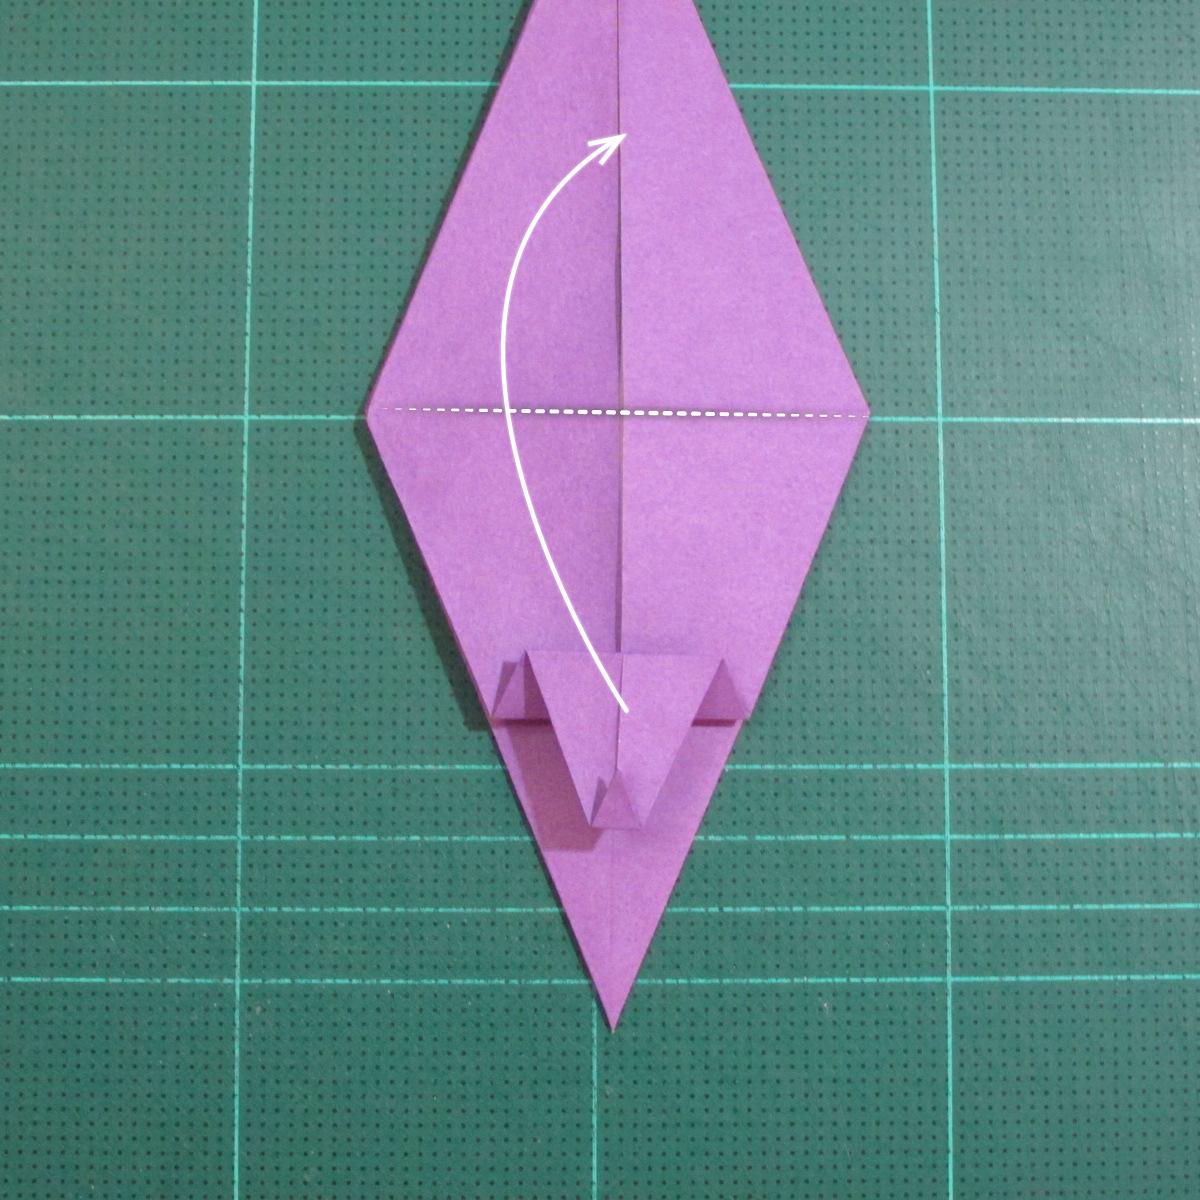 วิธีพับกระดาษเป็นรูปเต่าแบบง่าย (Easy Origami Turtle) 011